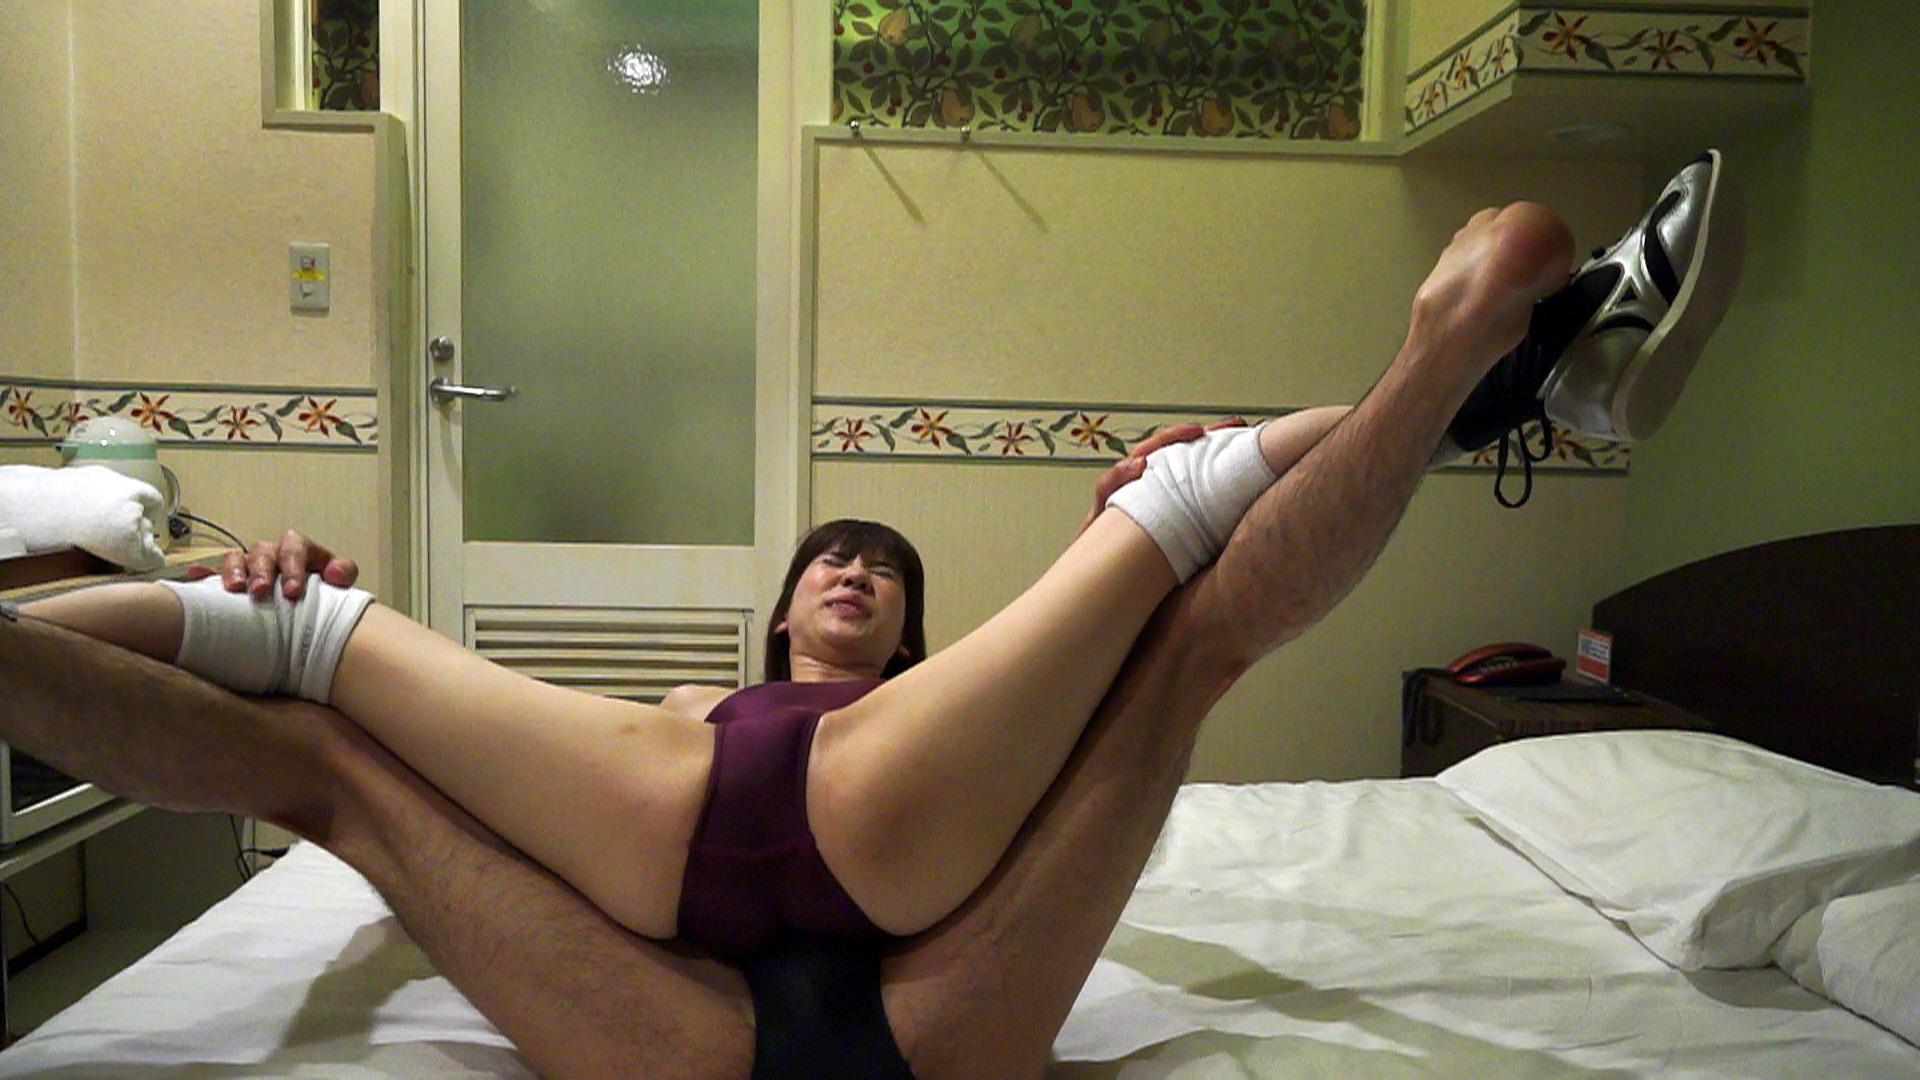 ホテルの部屋で女の子にプロレス技をかけてみた 7 サンプル画像02